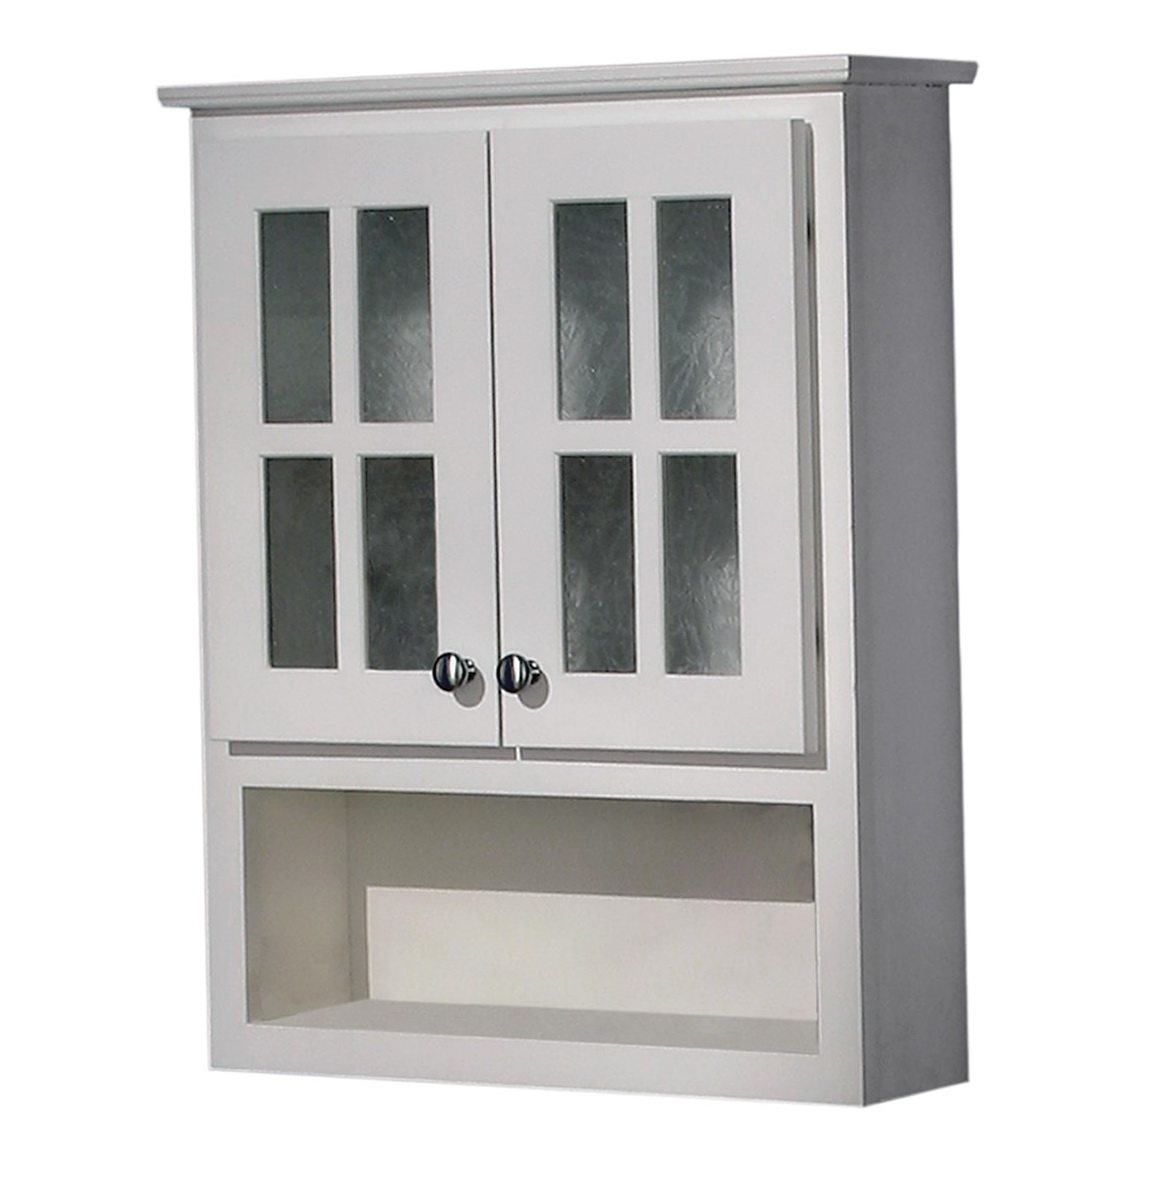 Kohler Medicine Cabinets Home Depot